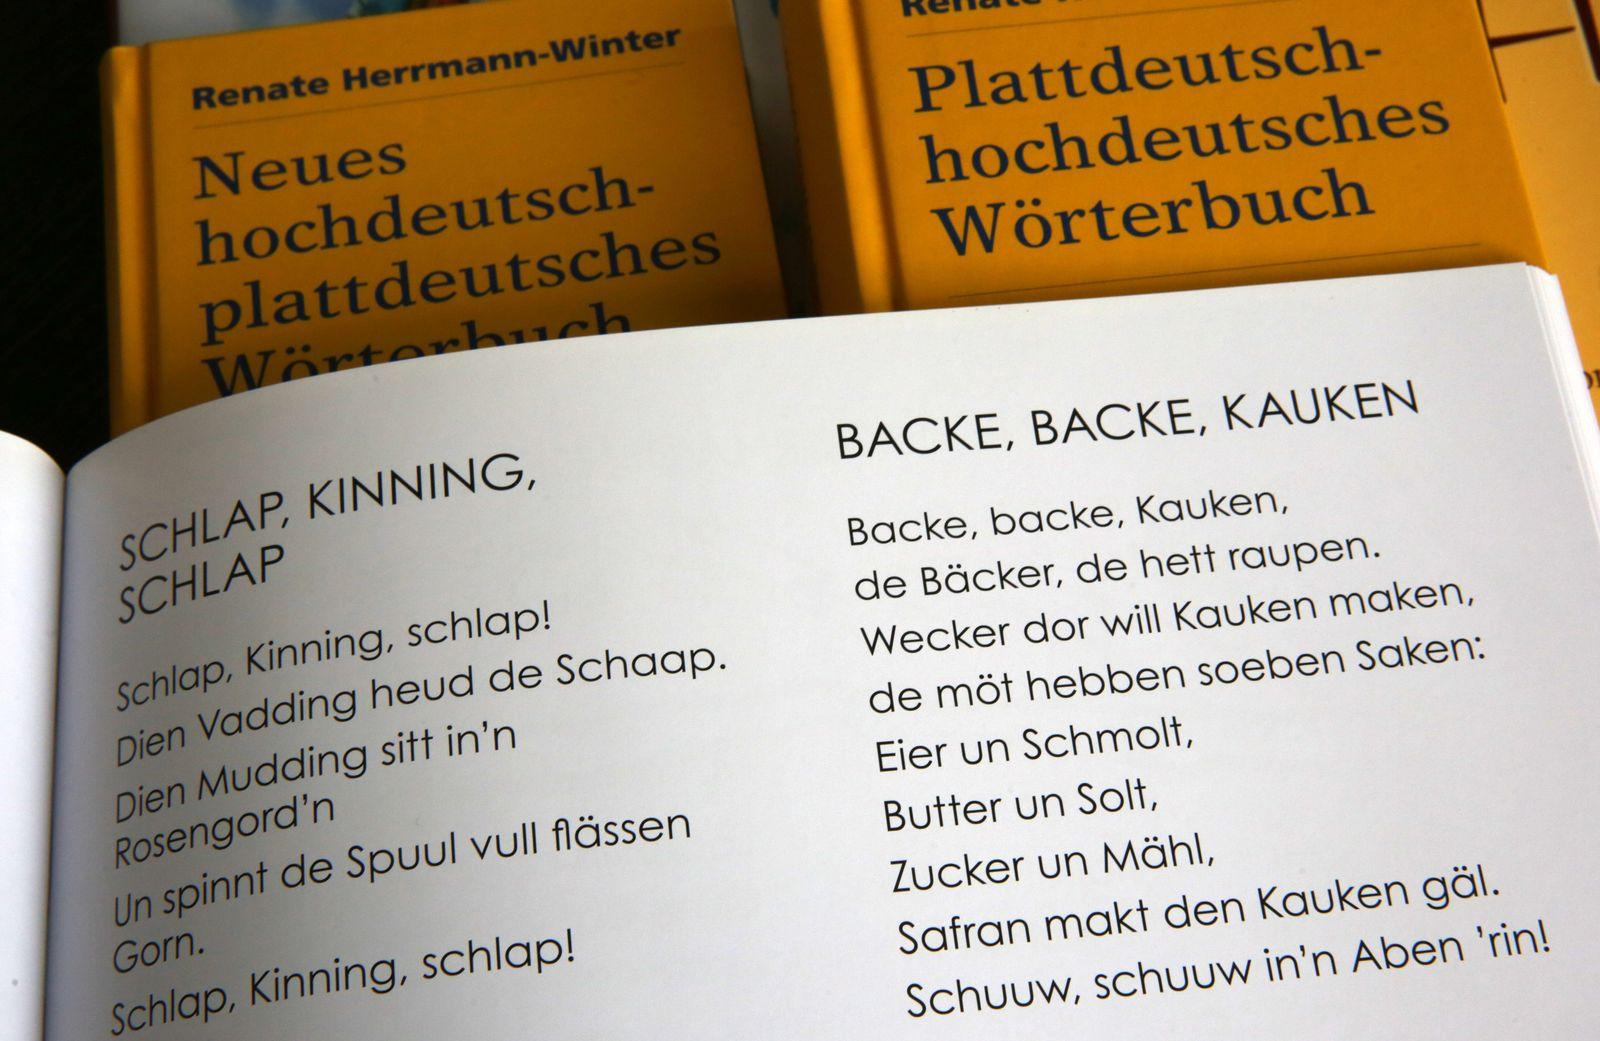 Plattdeutsch Wörterbuch